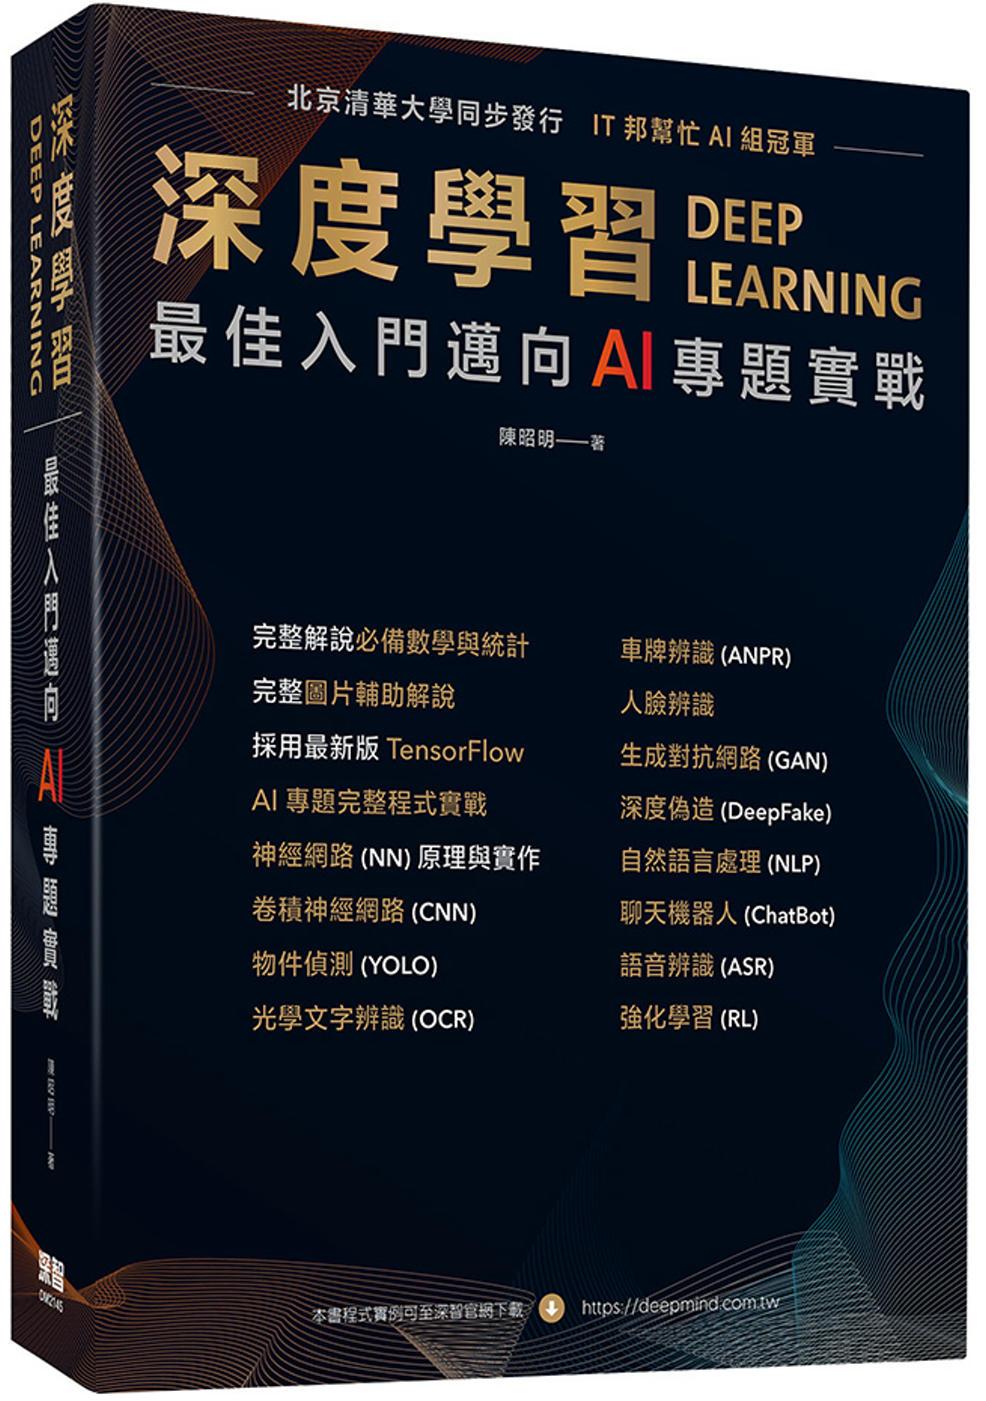 深度學習 最佳入門邁向AI專題...